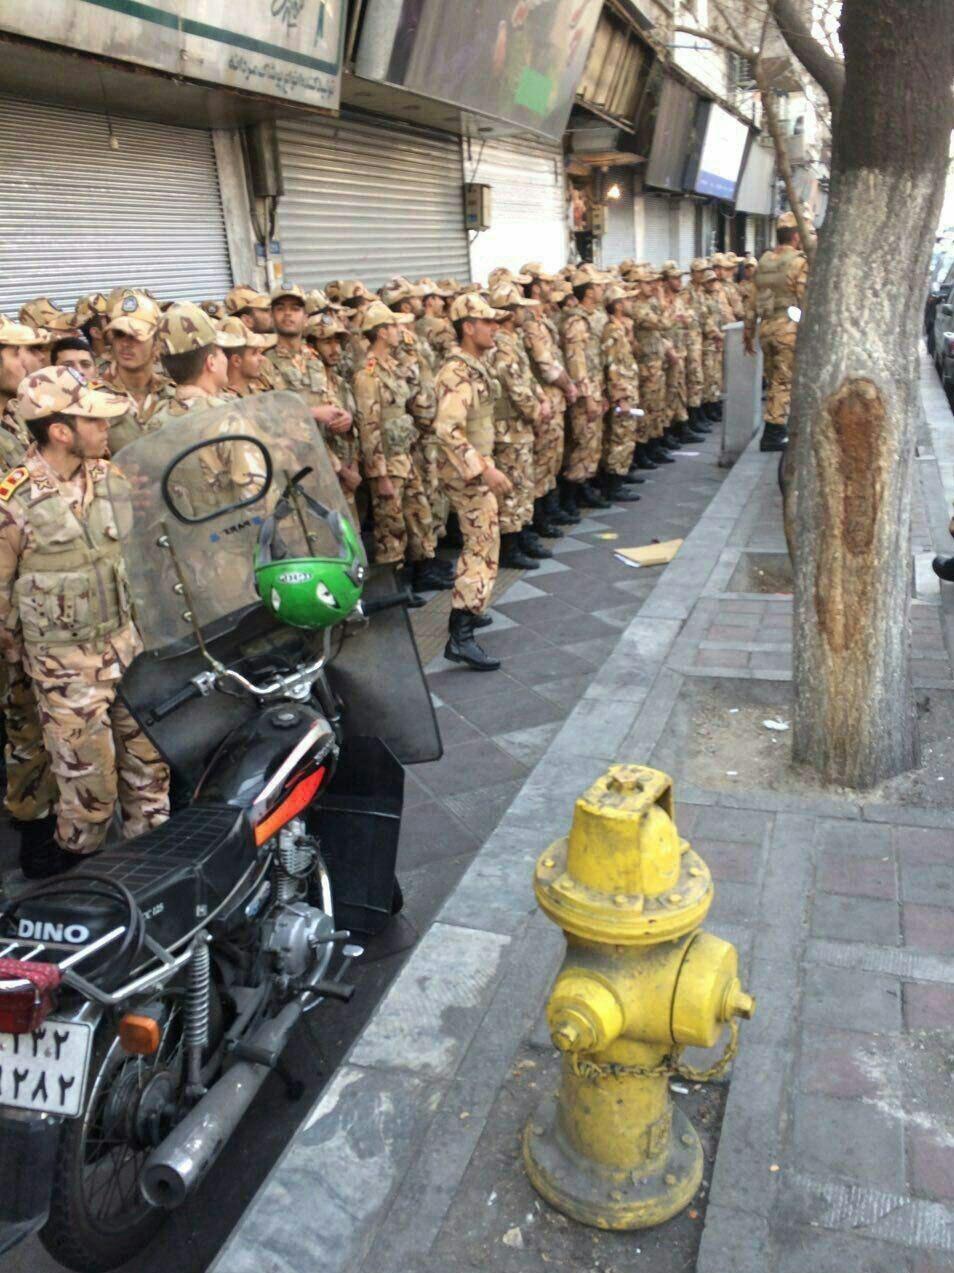 حضور یگانهایی از نیروی زمینی ارتش در محل ساختمان پلاسکو + عکس